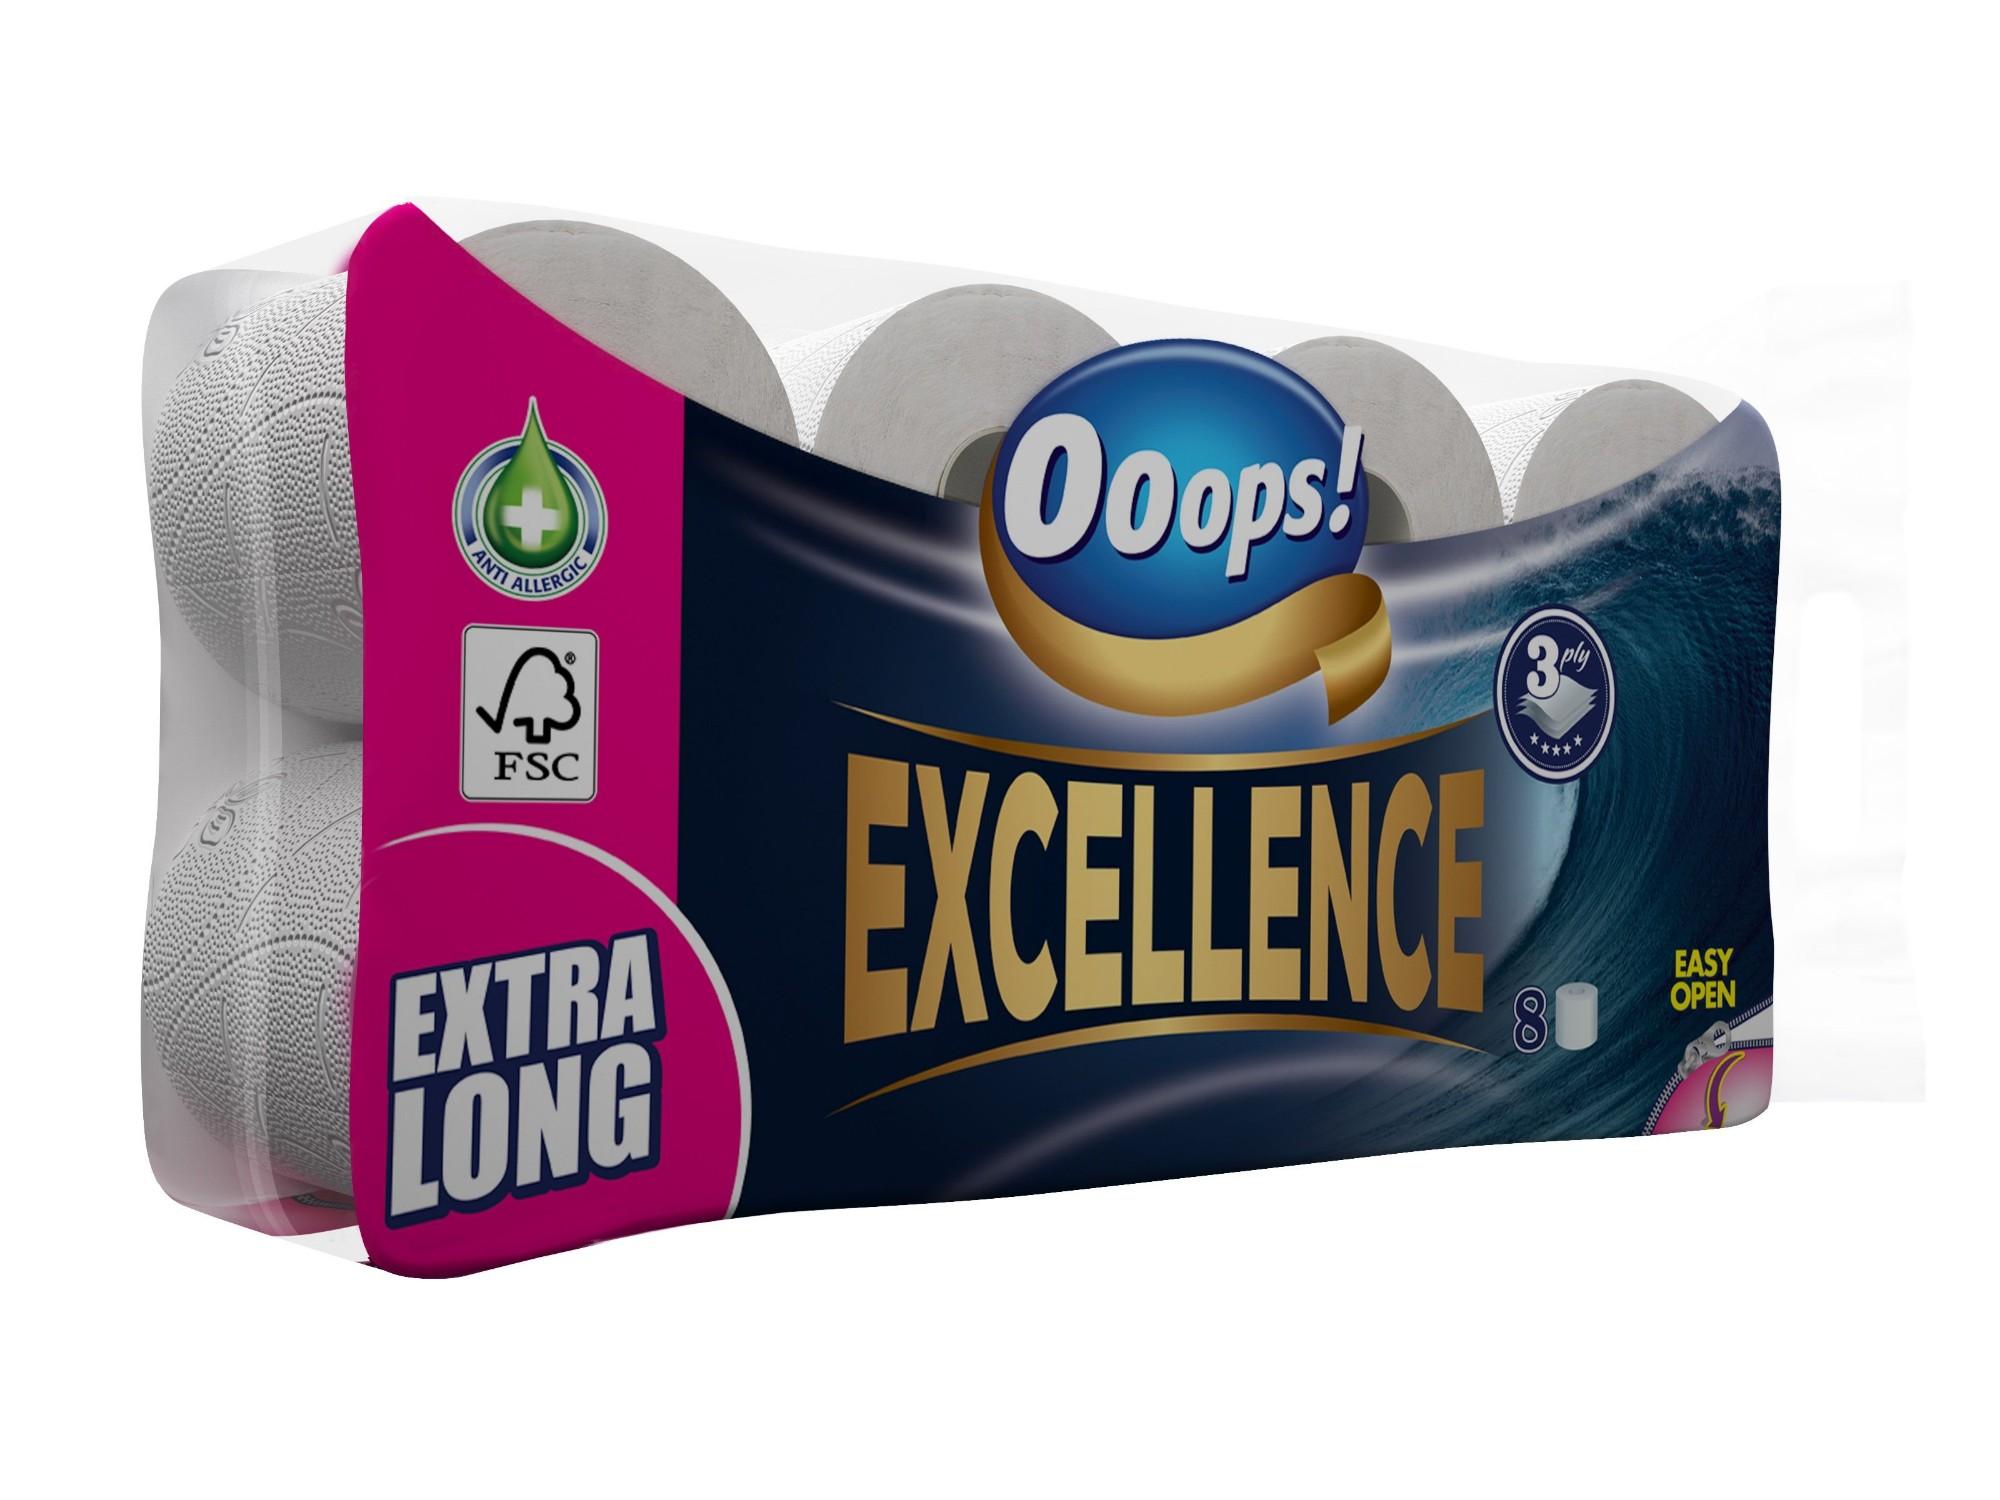 Tualetinis popierius OOOPS! Excellence 8 ritinėliai, 3 sluoksniai